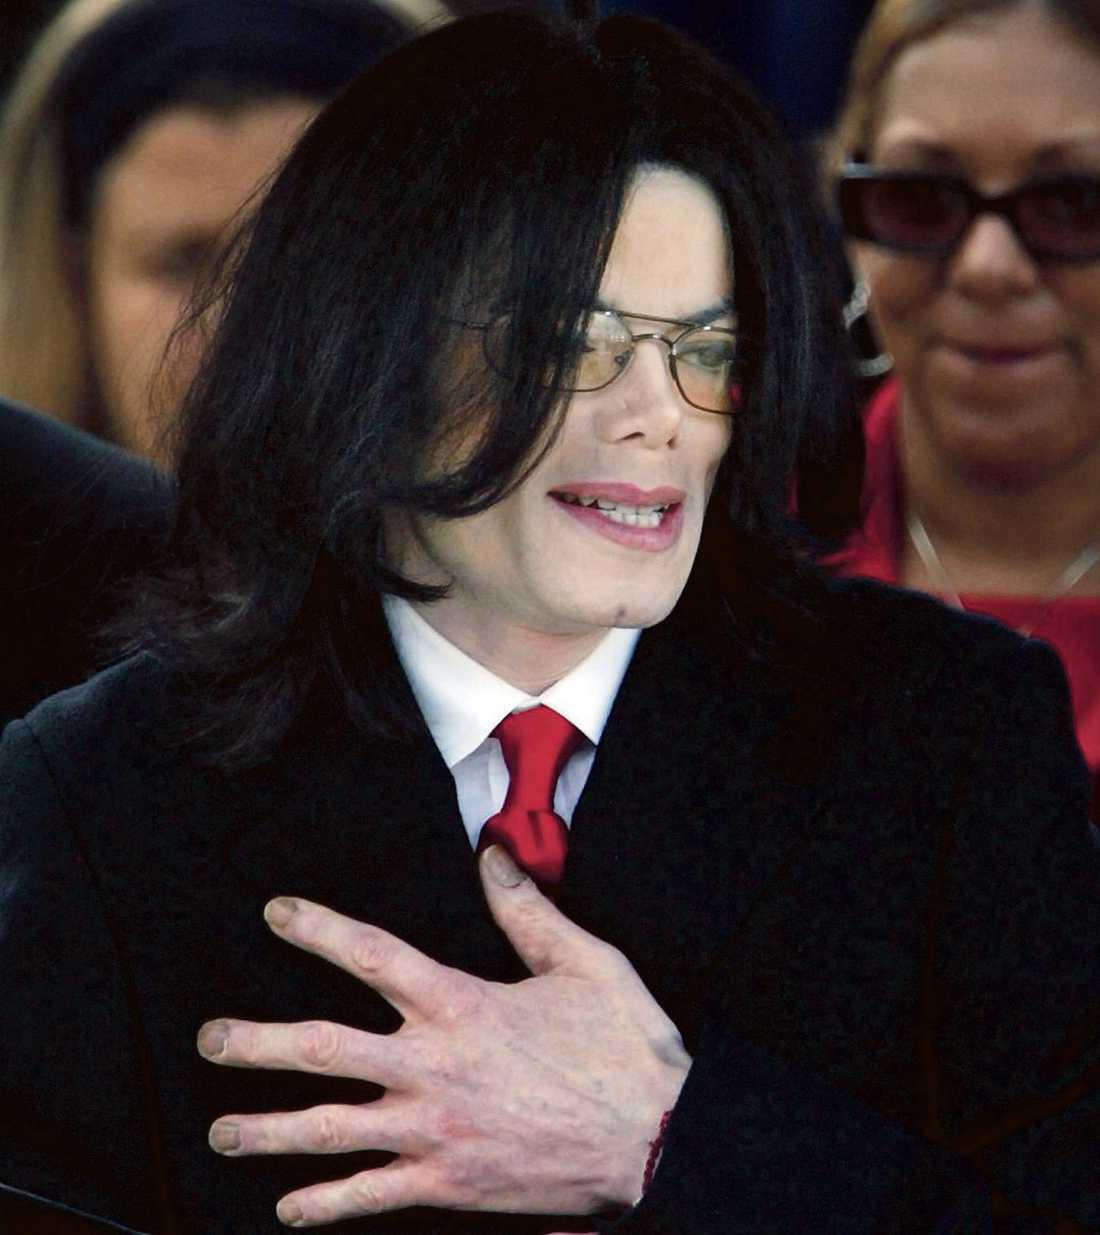 Hjärtat stannade Doktor Conrad Murrays assistent var den som på Michael Jacksons vädjan gav en injektion av ett smärtstillande medel som kan ha dödat megastjärnan. Det uppger nu en källa till engelska The Sun. Murray låg då och sov.